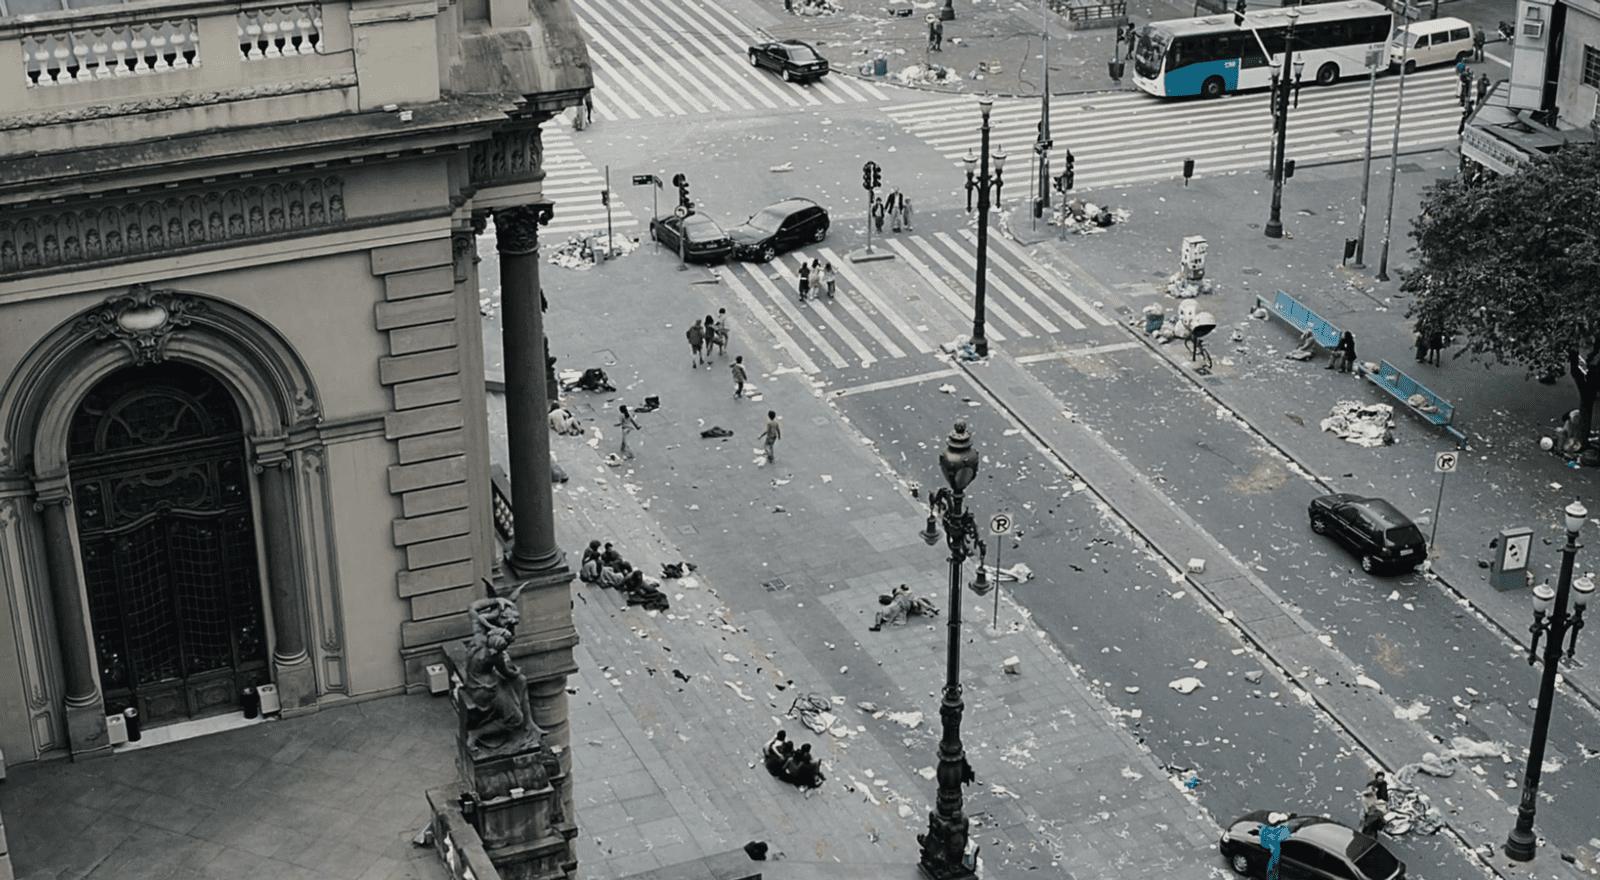 Eine Welt ohne Regierung. Filmstill aus Blindness (Meirelles 2008).